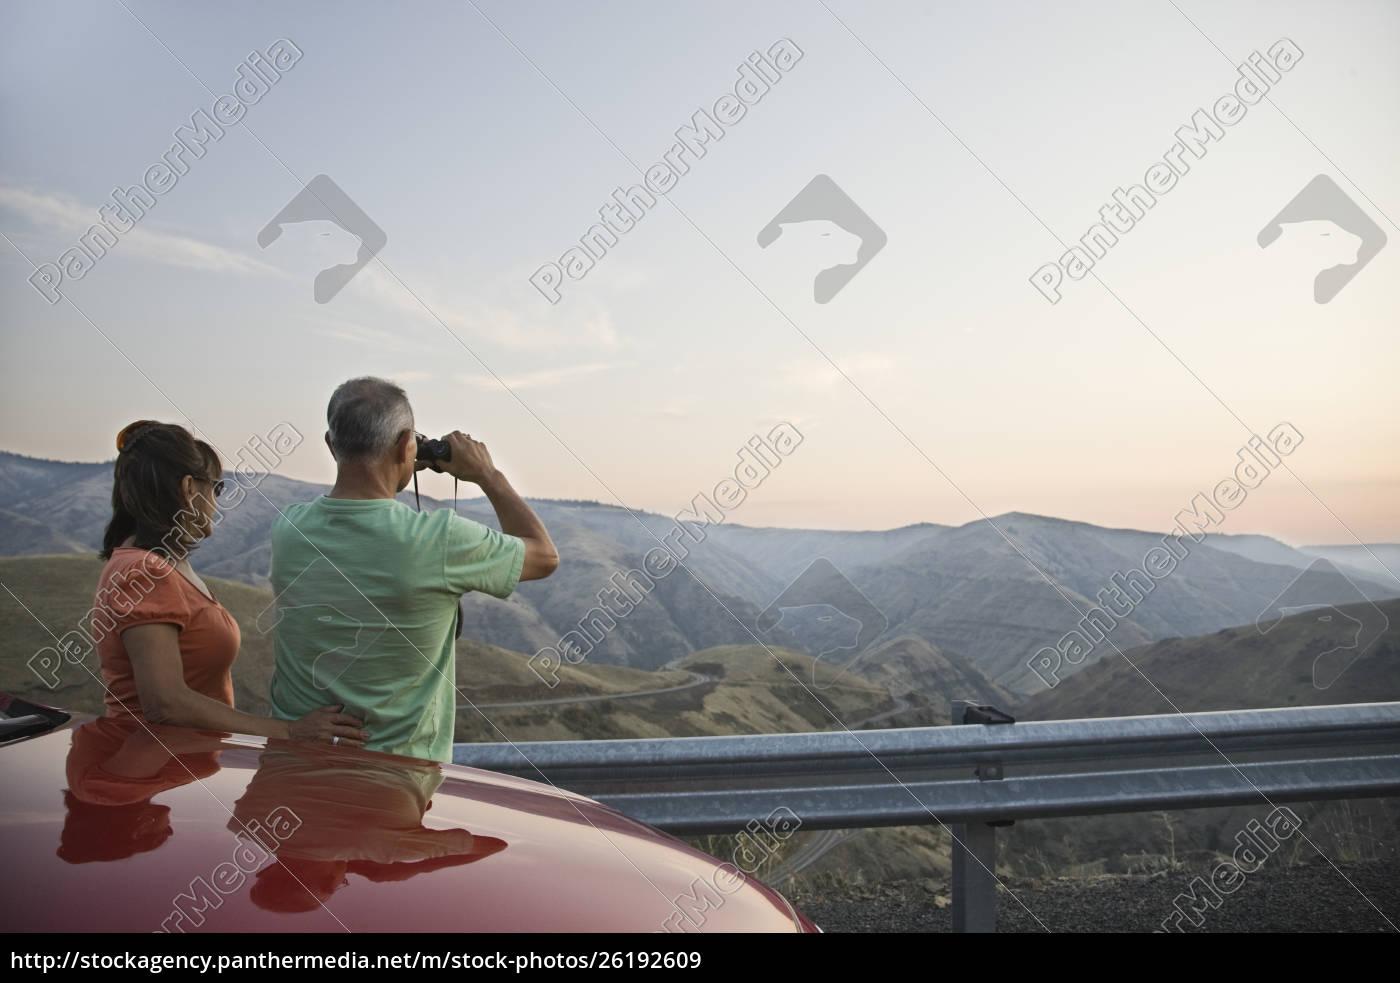 ein, hispanisches, senior-paar, genießt, die, landschaft - 26192609